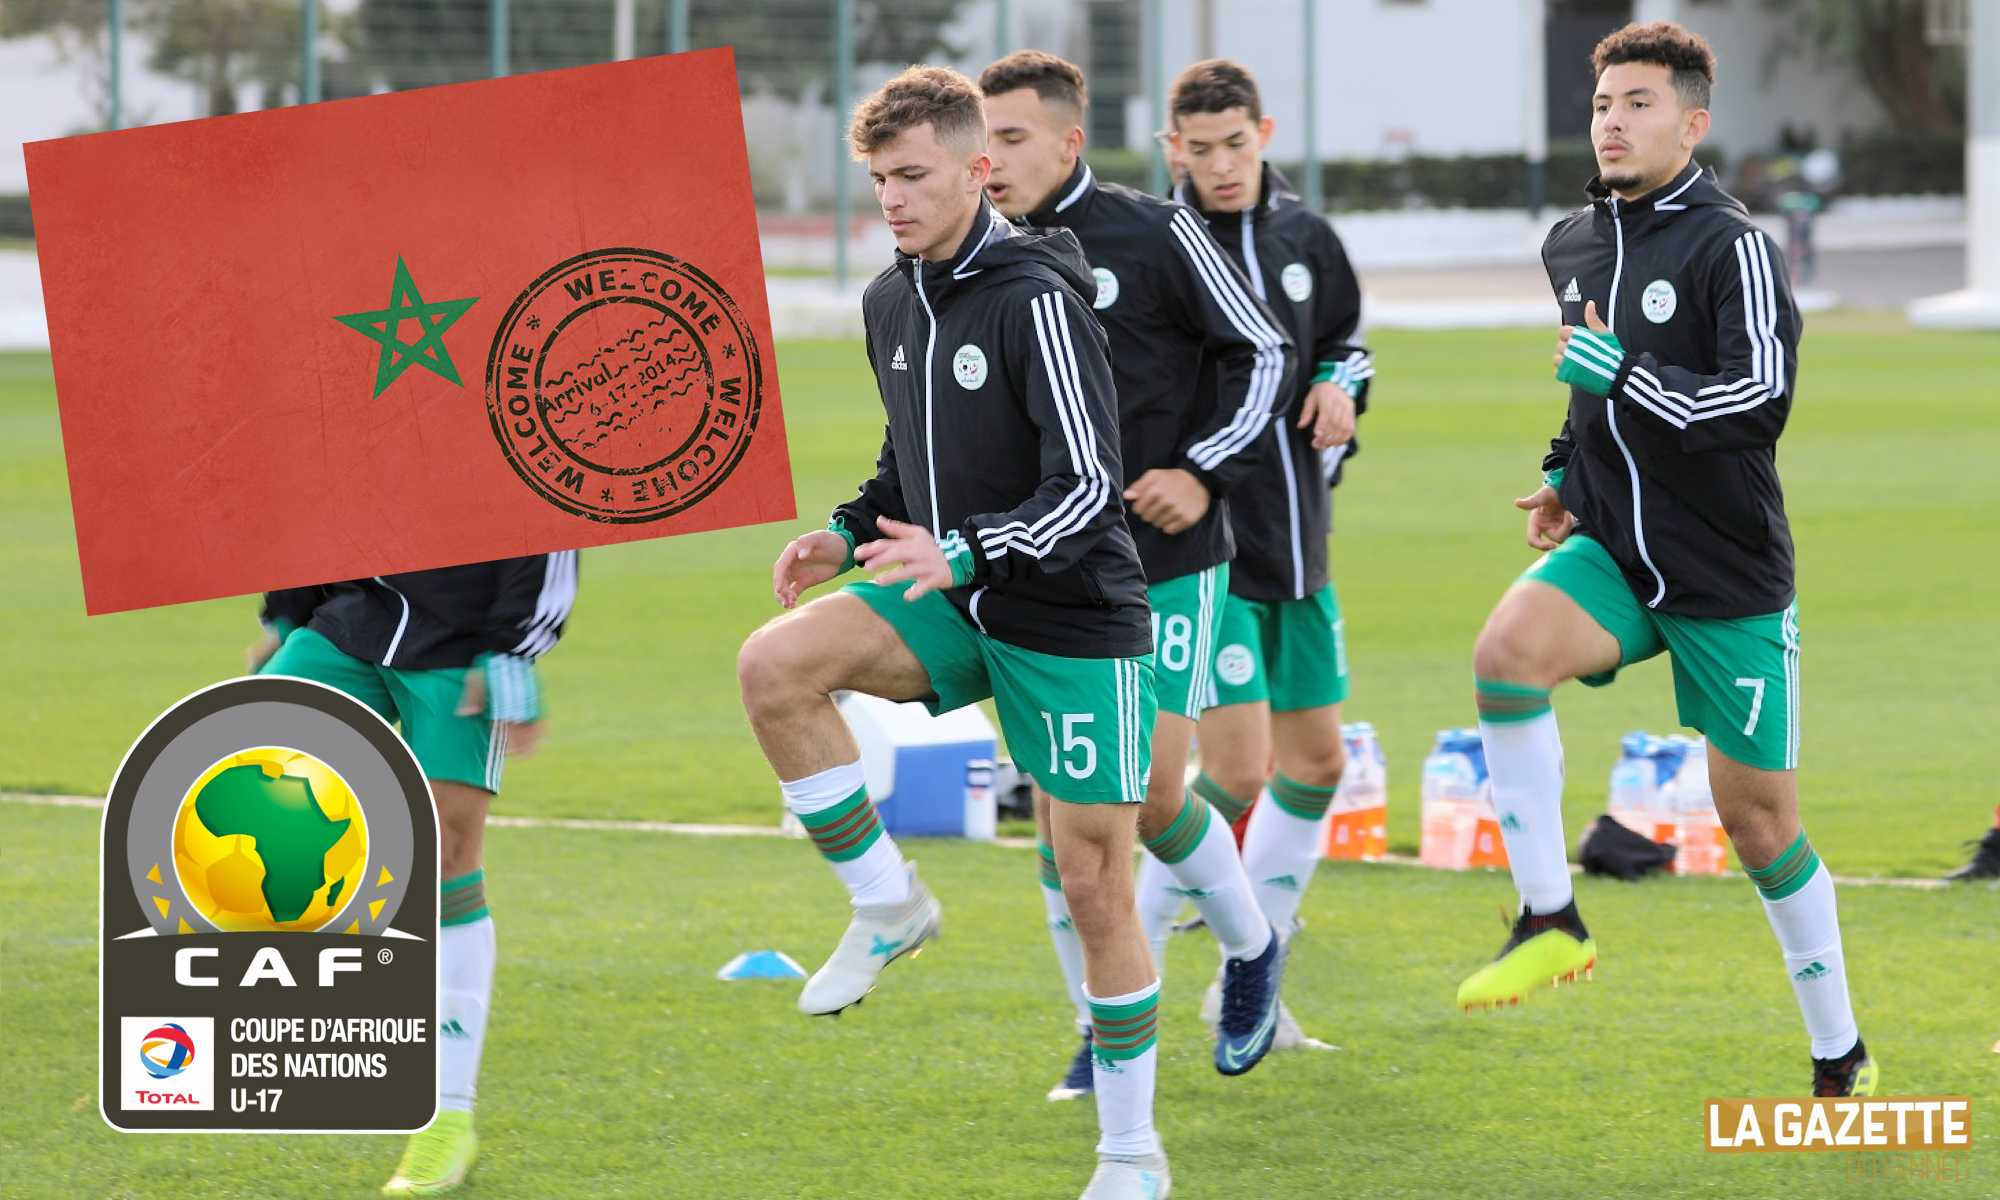 maroc entree can U17 cadet